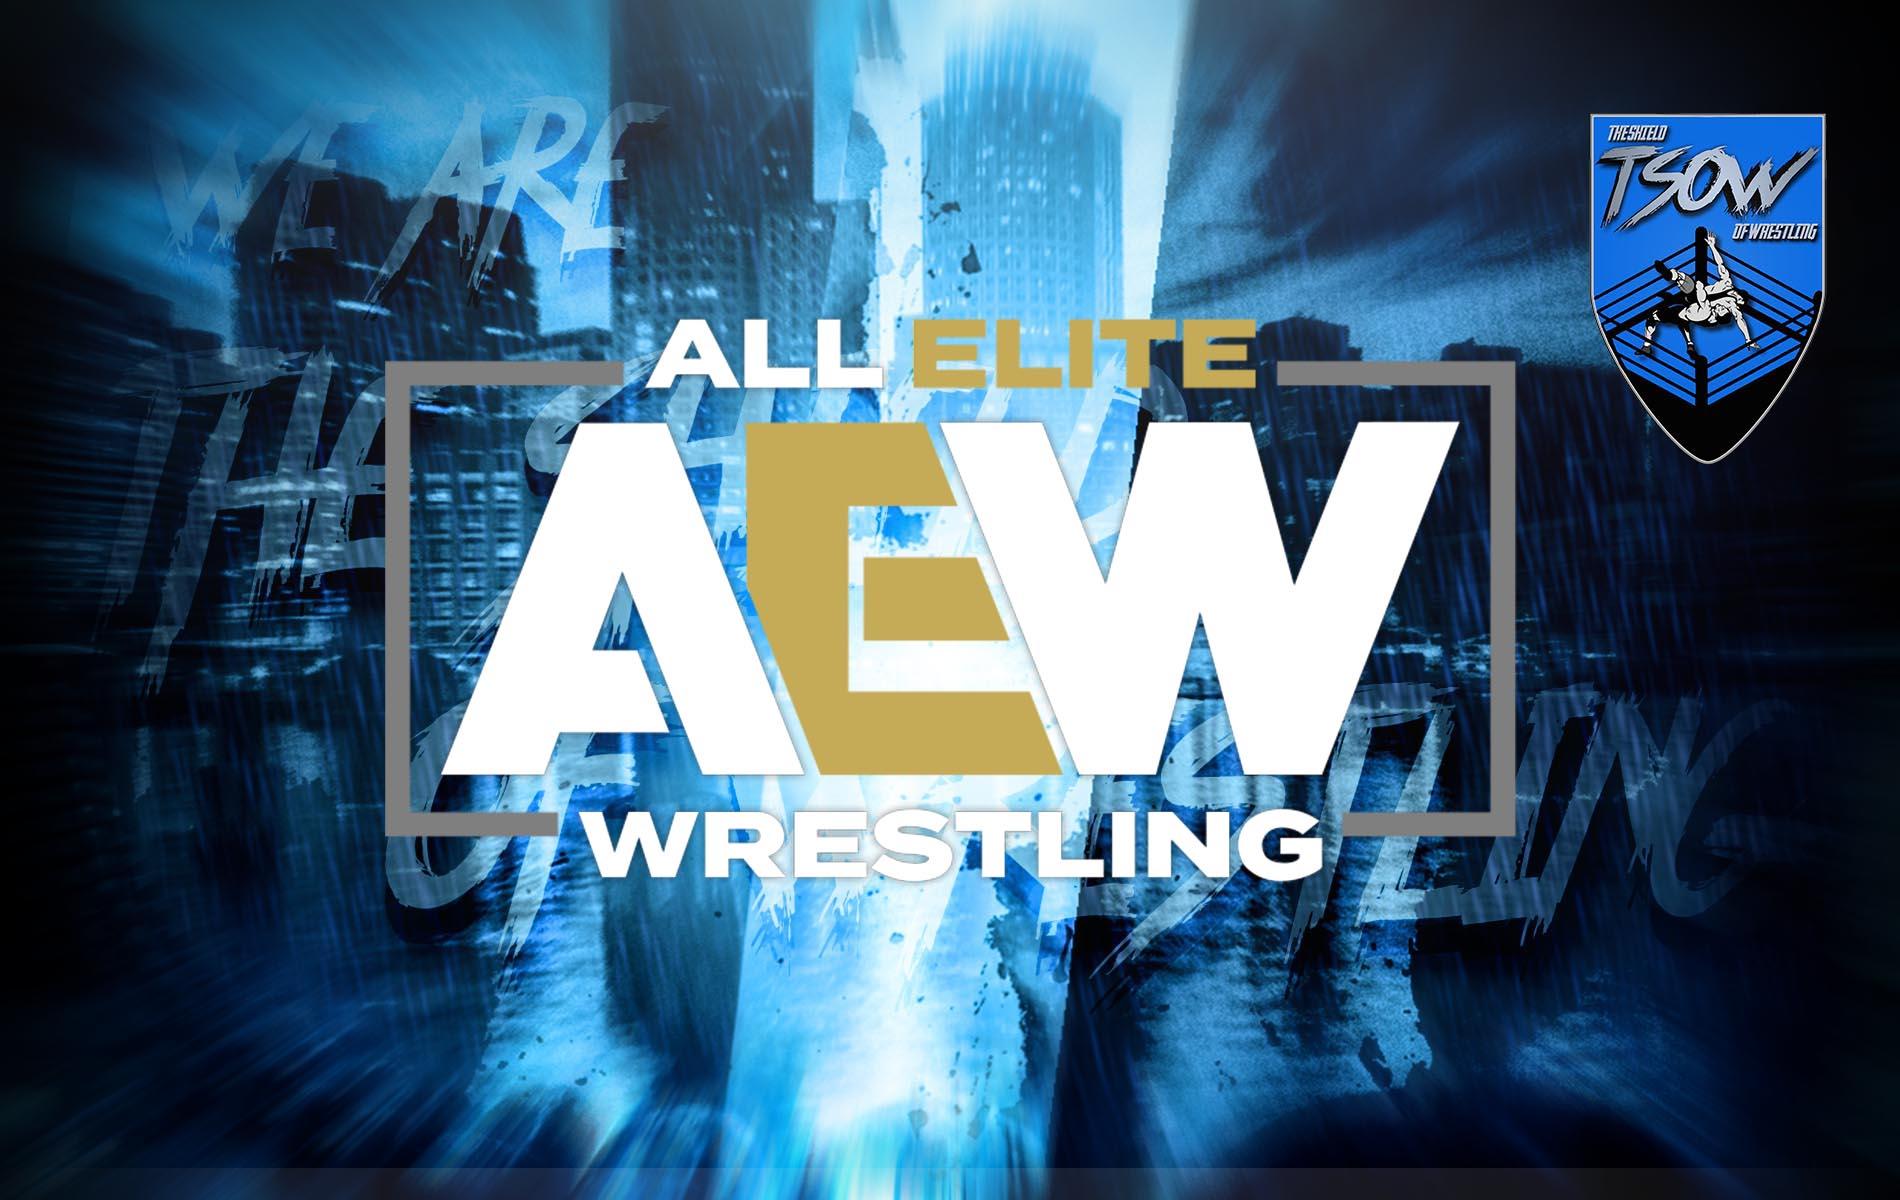 Being The Elite: presentato un nuovo titolo nell'ultima puntata